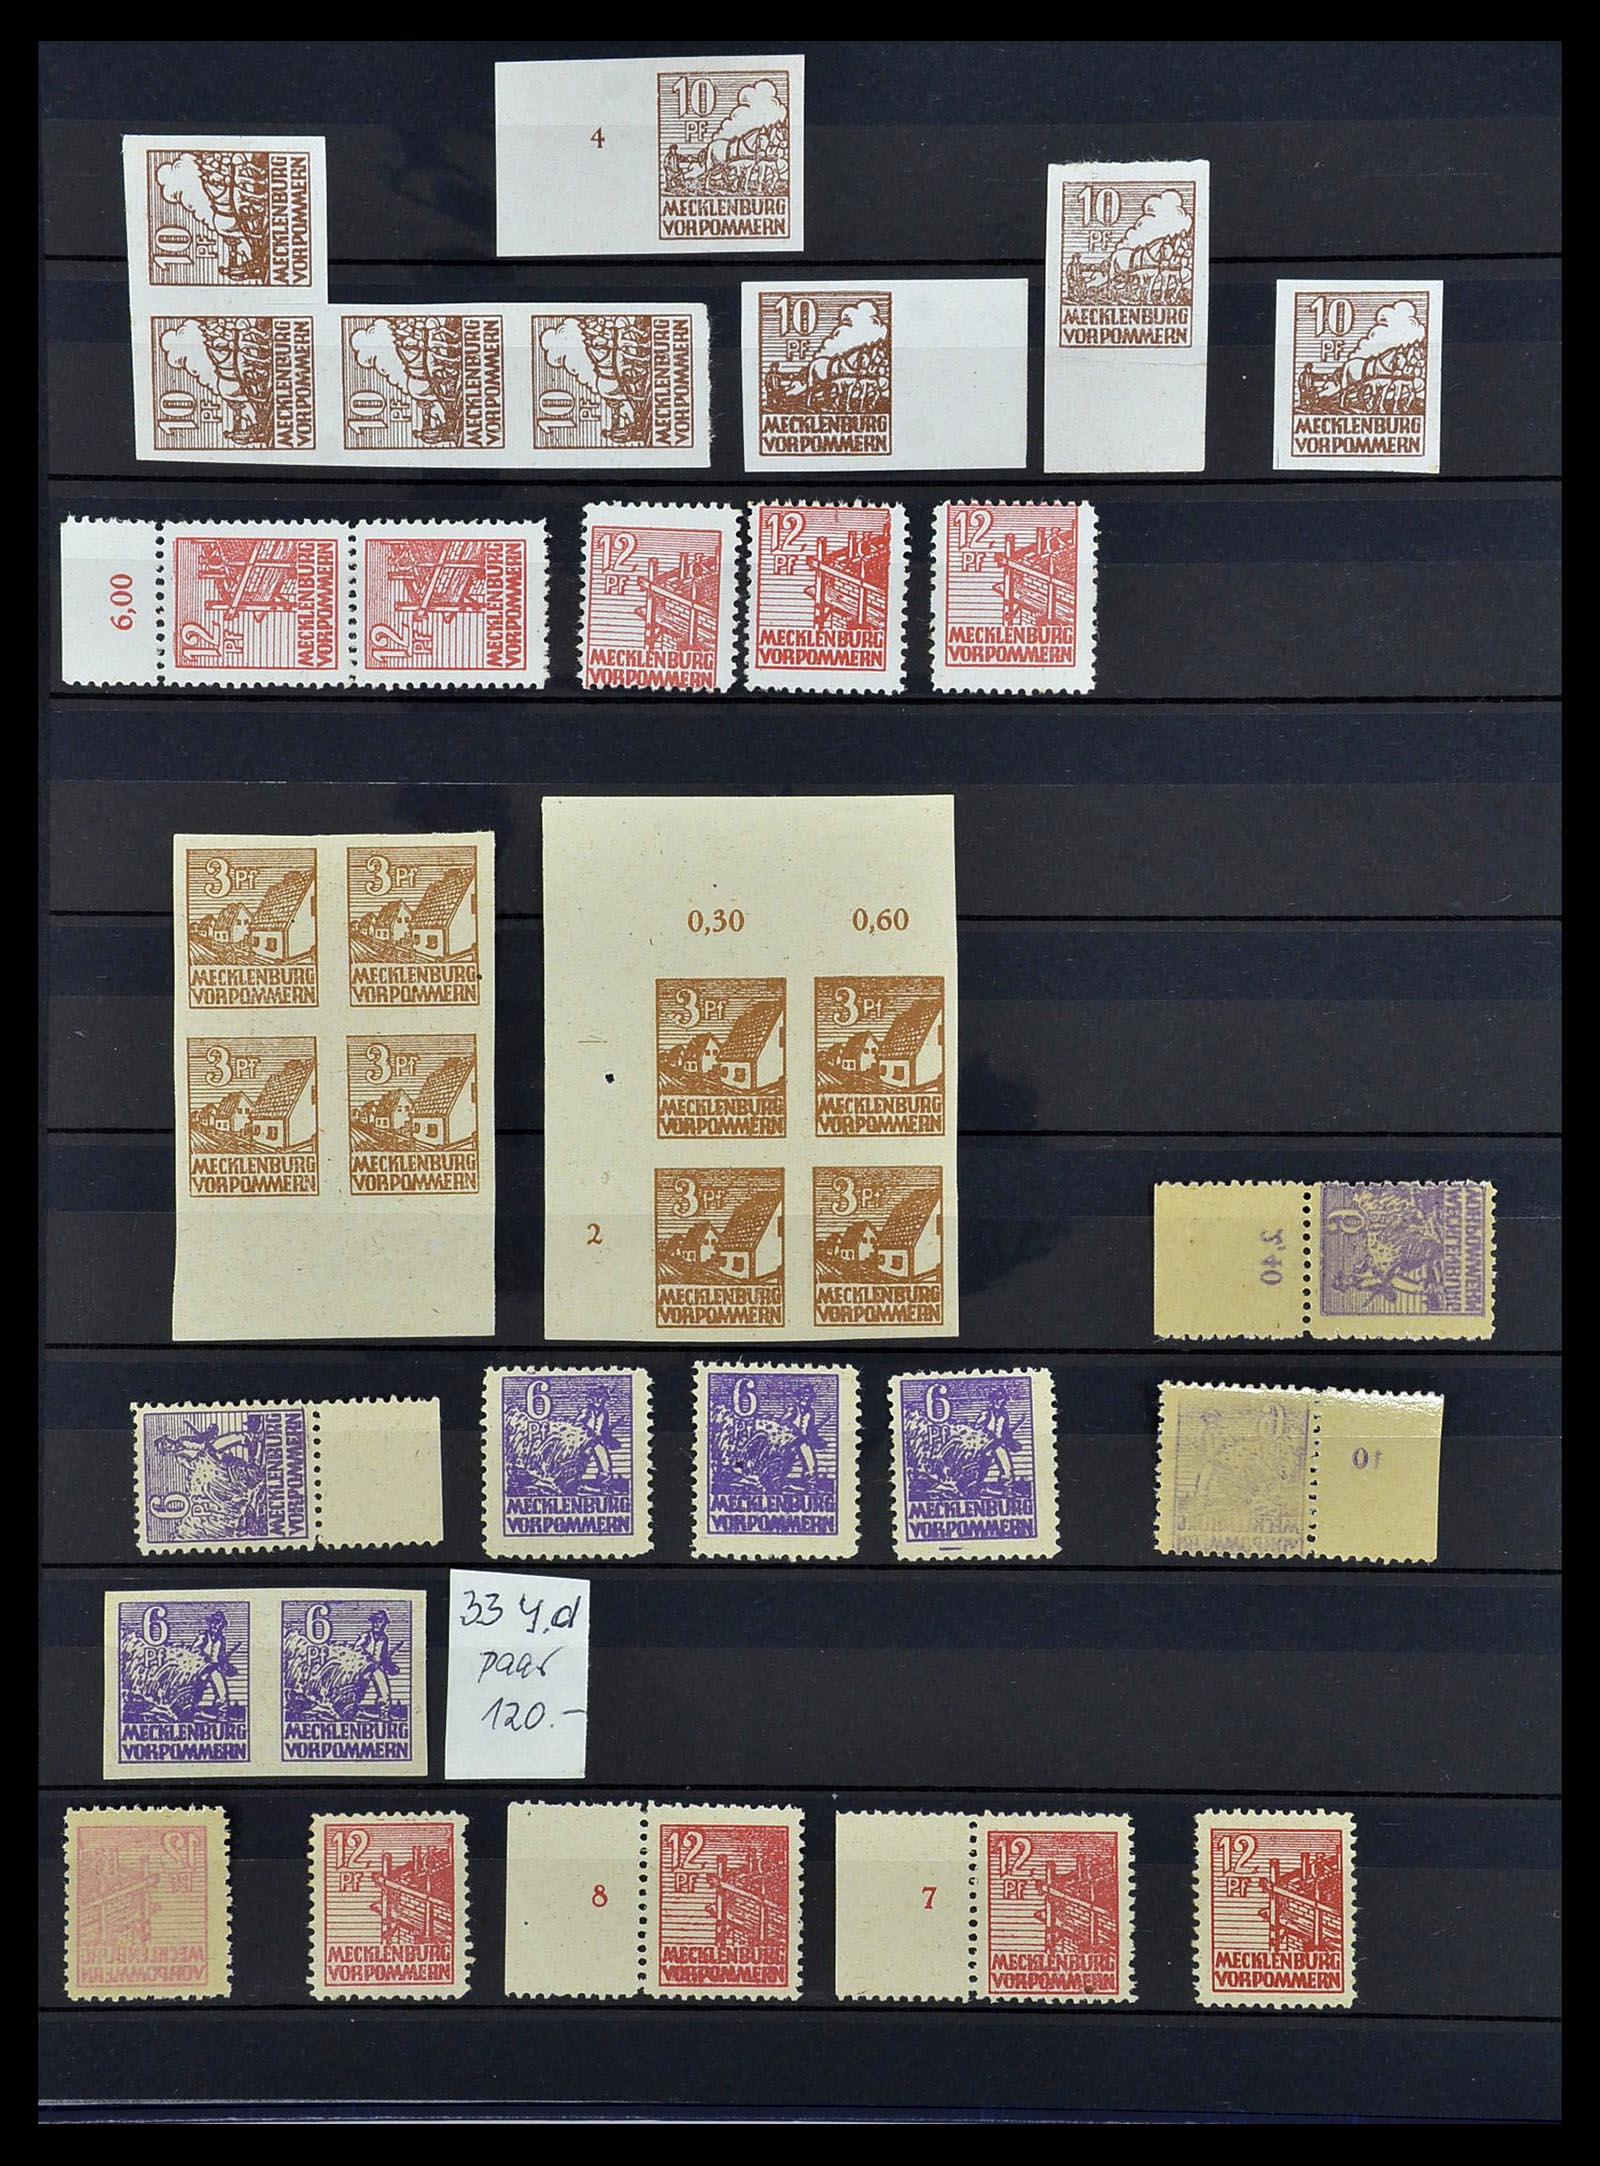 34039 012 - Postzegelverzameling 34039 Mecklenburg-Vorpommern 1945-1946.